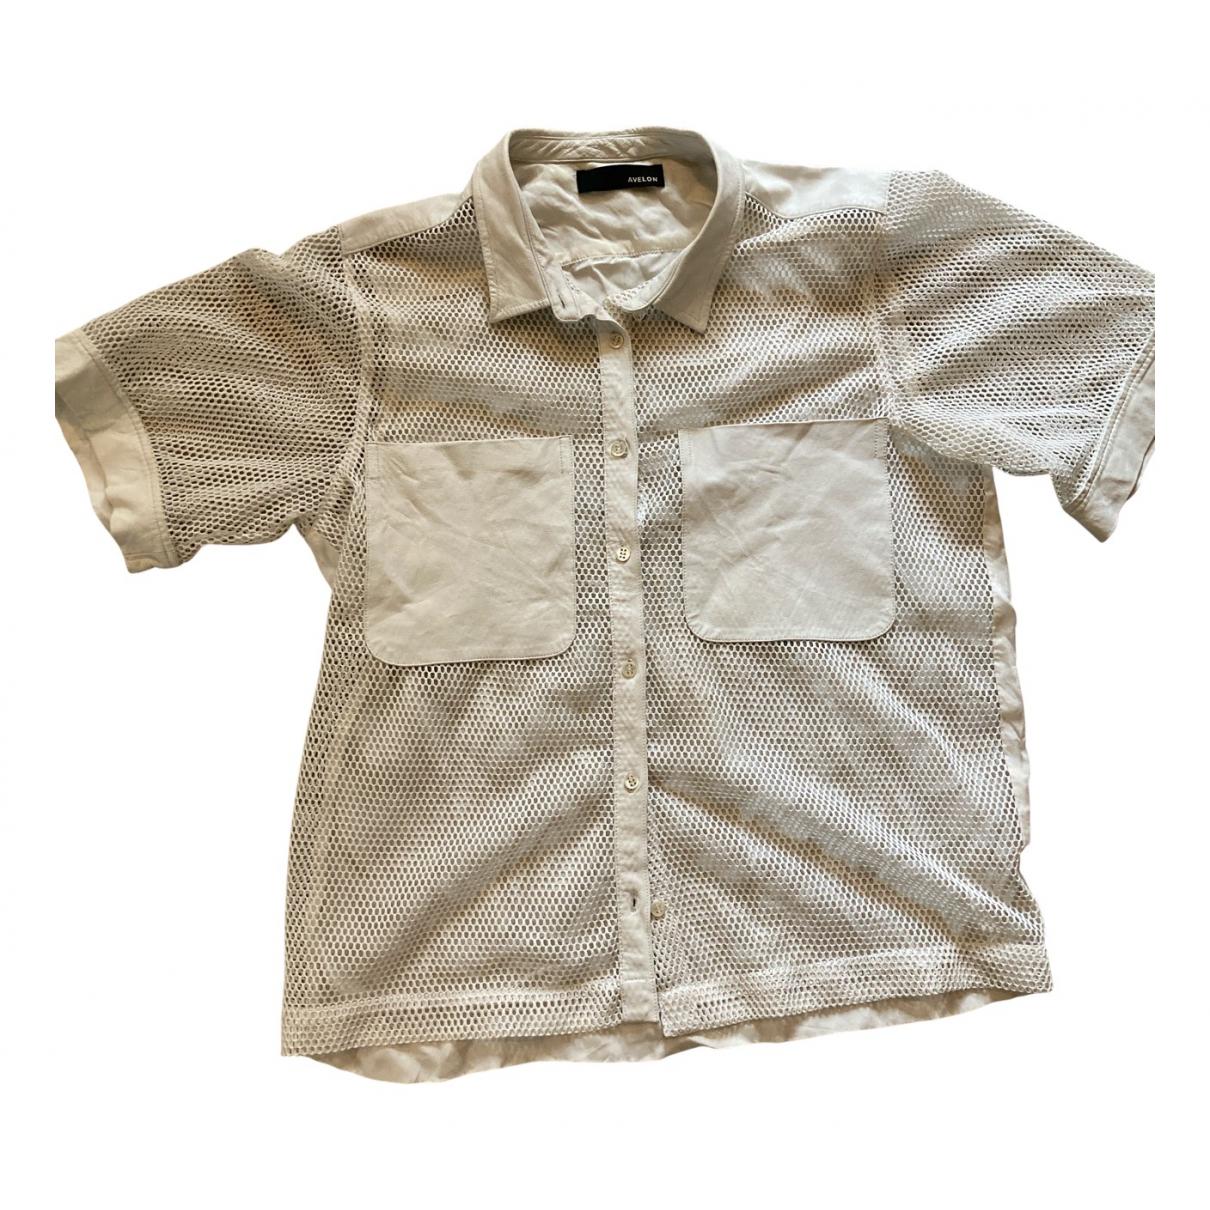 Camisa de Cuero Avelon